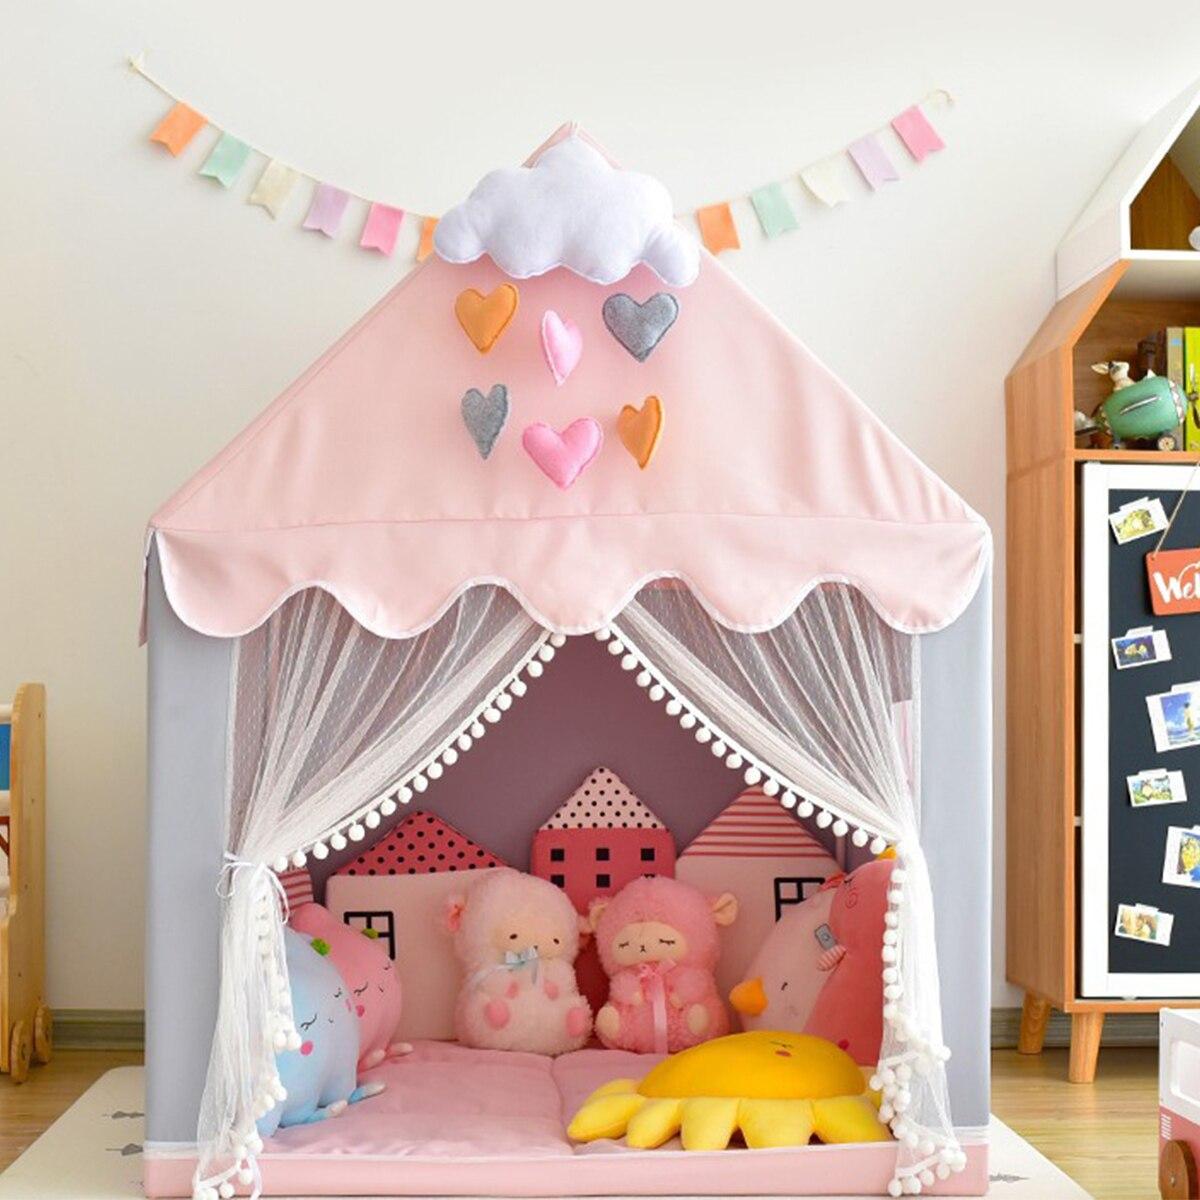 Детская игровая палатка Замок принцессы домик игровая комната мультфильм легко собирается игровой домик палатка игрушки подарки